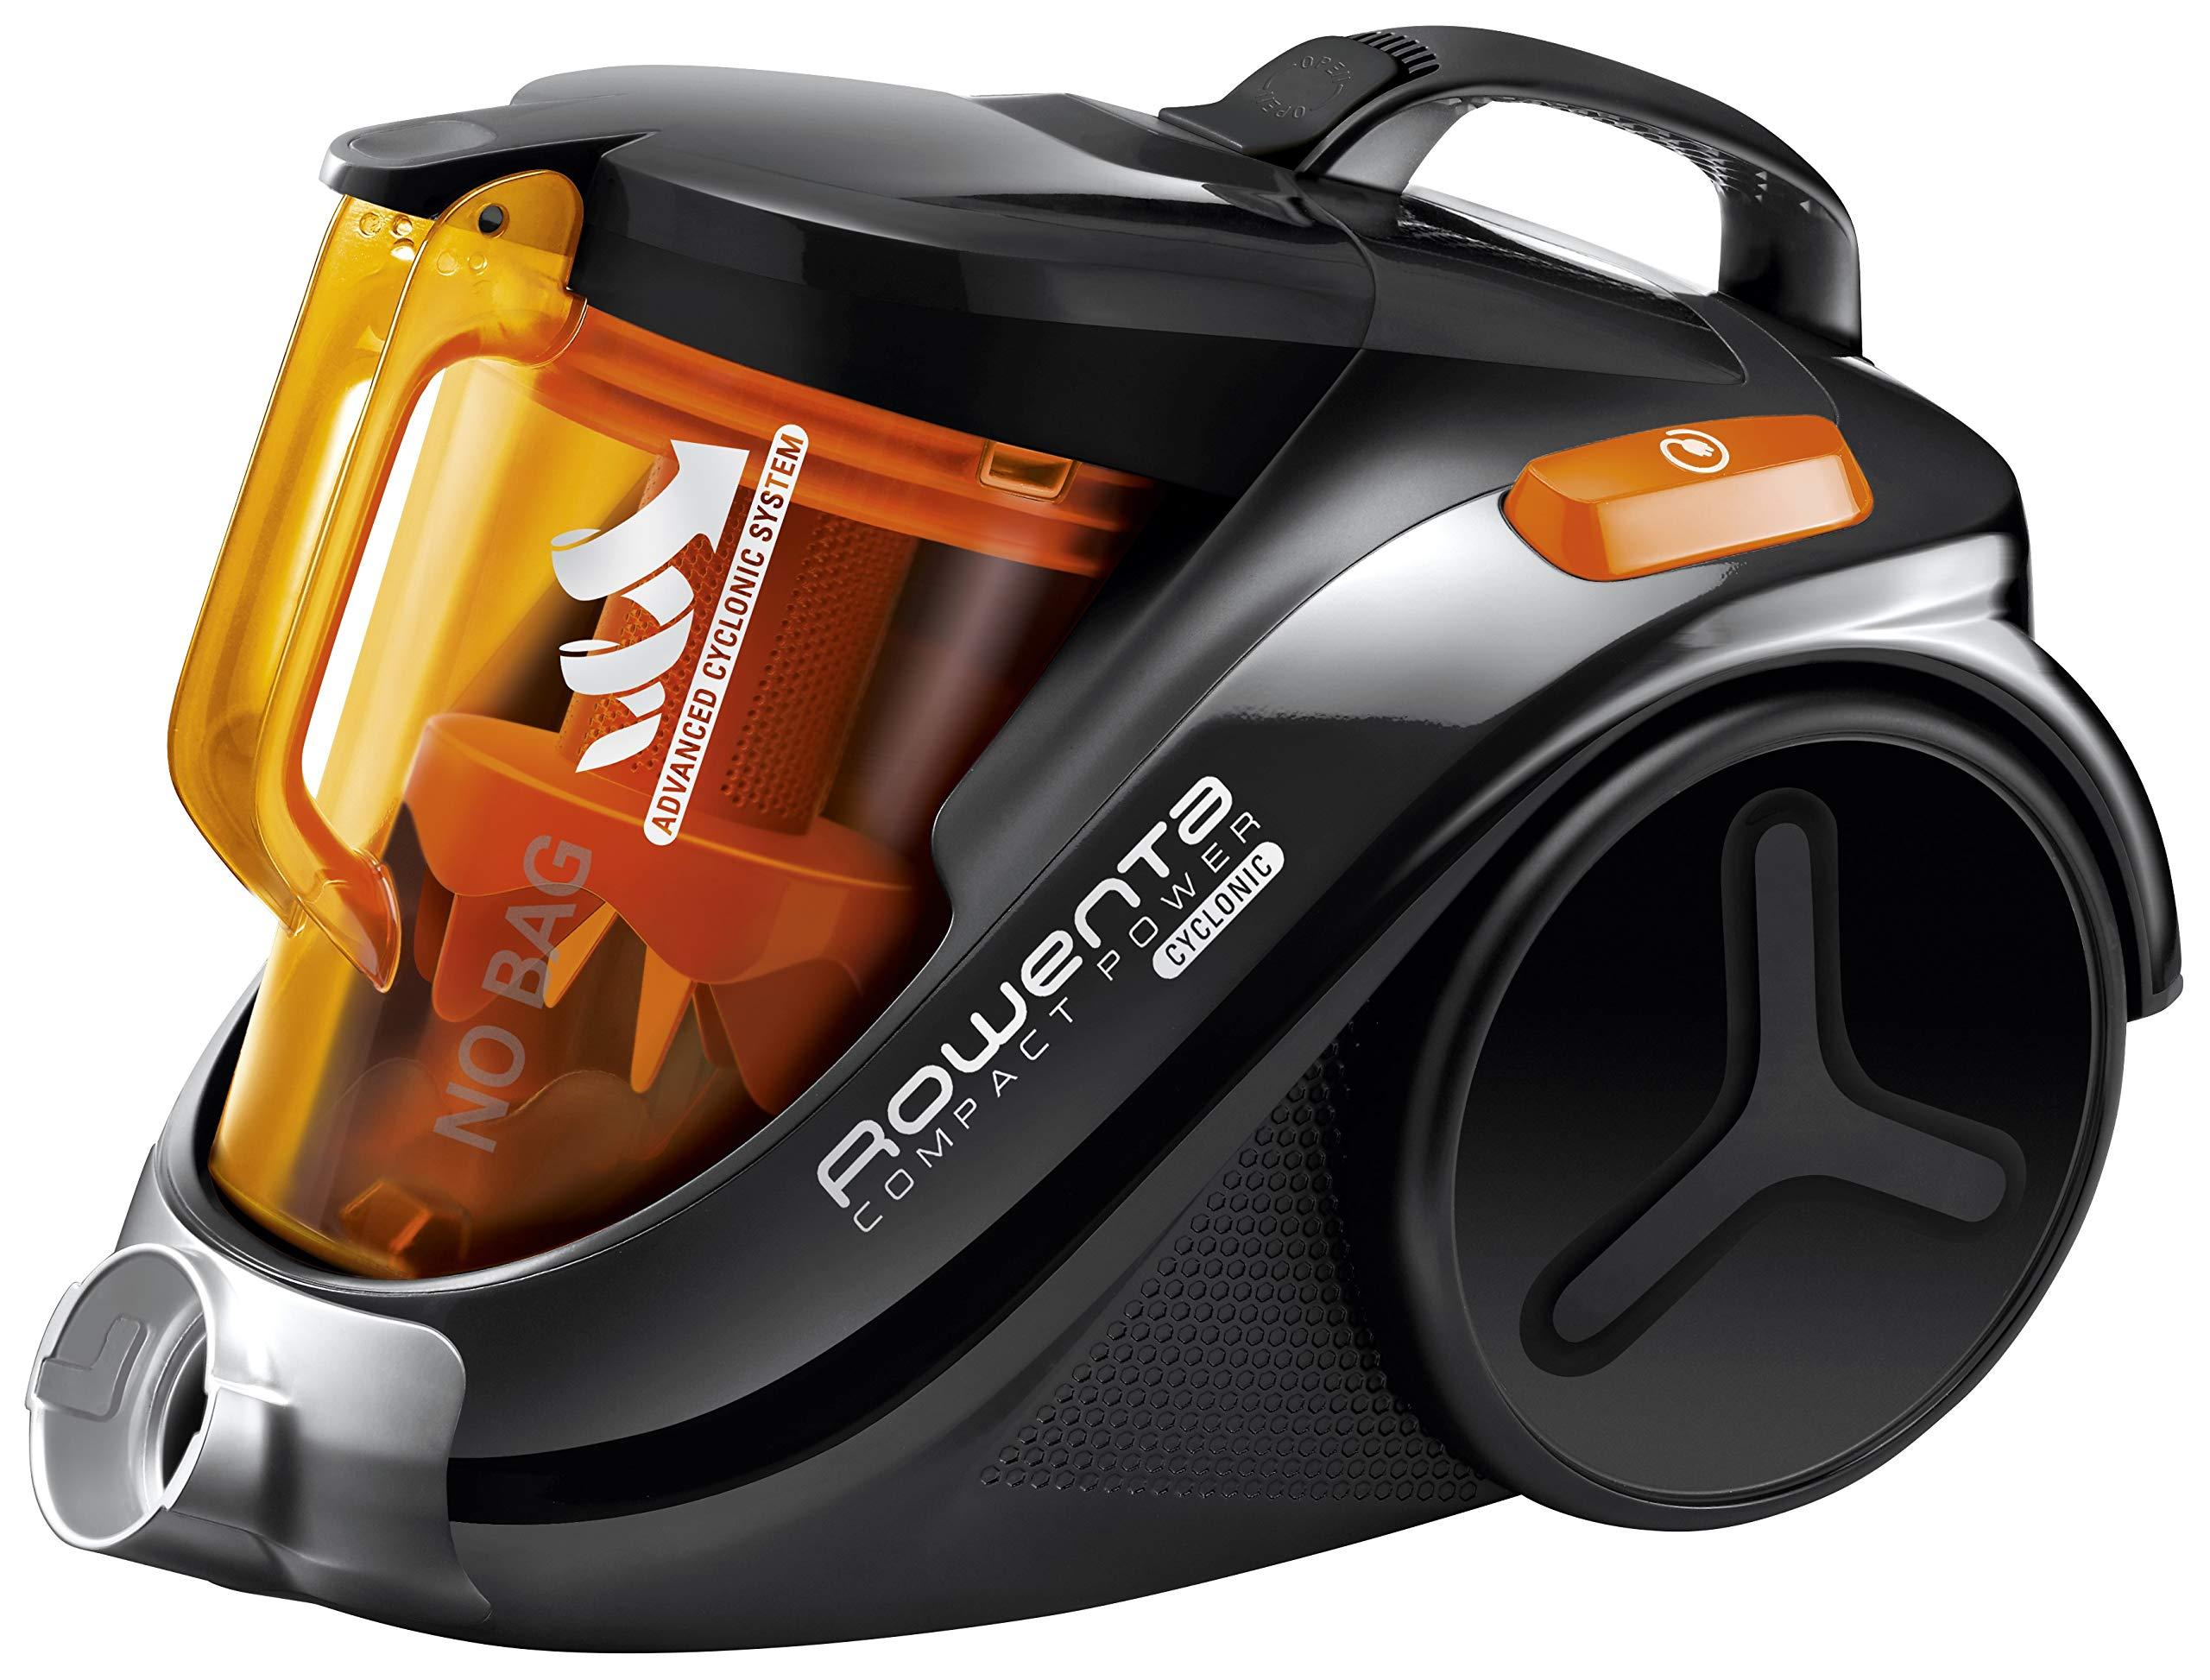 Rowenta-Compact-Power-Cyclonic-RO3753EA-Aspirador-sin-bolsa-sistema-ciclnico-sin-bolsa-depsito-15-L-cepillo-parquet-y-boquilla-2-en-1-para-ranuras-79-dBA-fcil-de-limpiar